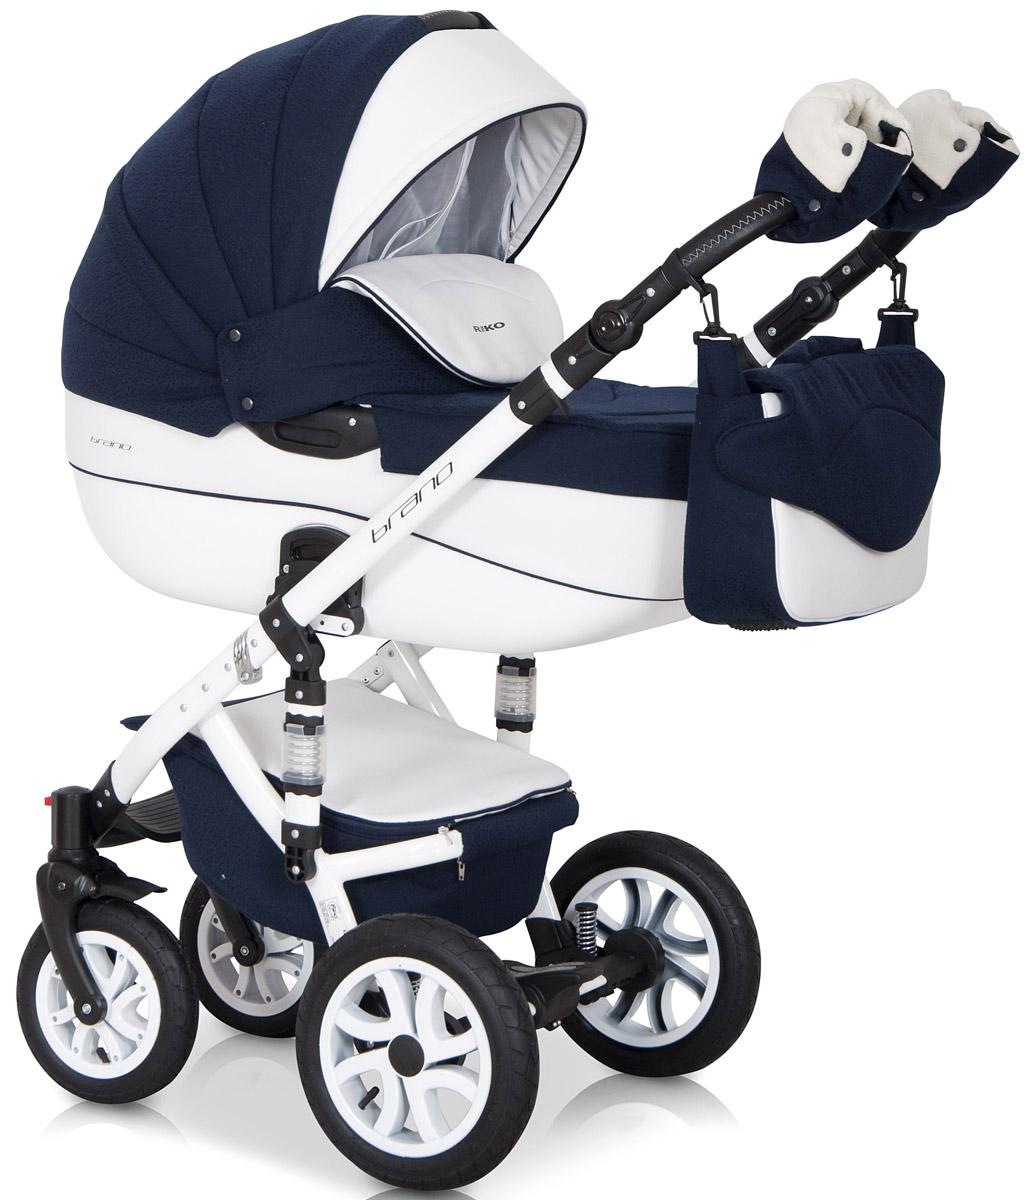 Riko Коляска 2 в 1 Brano Ecco цвет белый синий5901812682819Комбинированная коляска 2-в-1. Просторная пластиковая люлька, прогулочное сидение со всеми регулировками, закрытая корзина, сумка, вставки из премиальной кожи, надувные колеса, алюминиевая конструкция